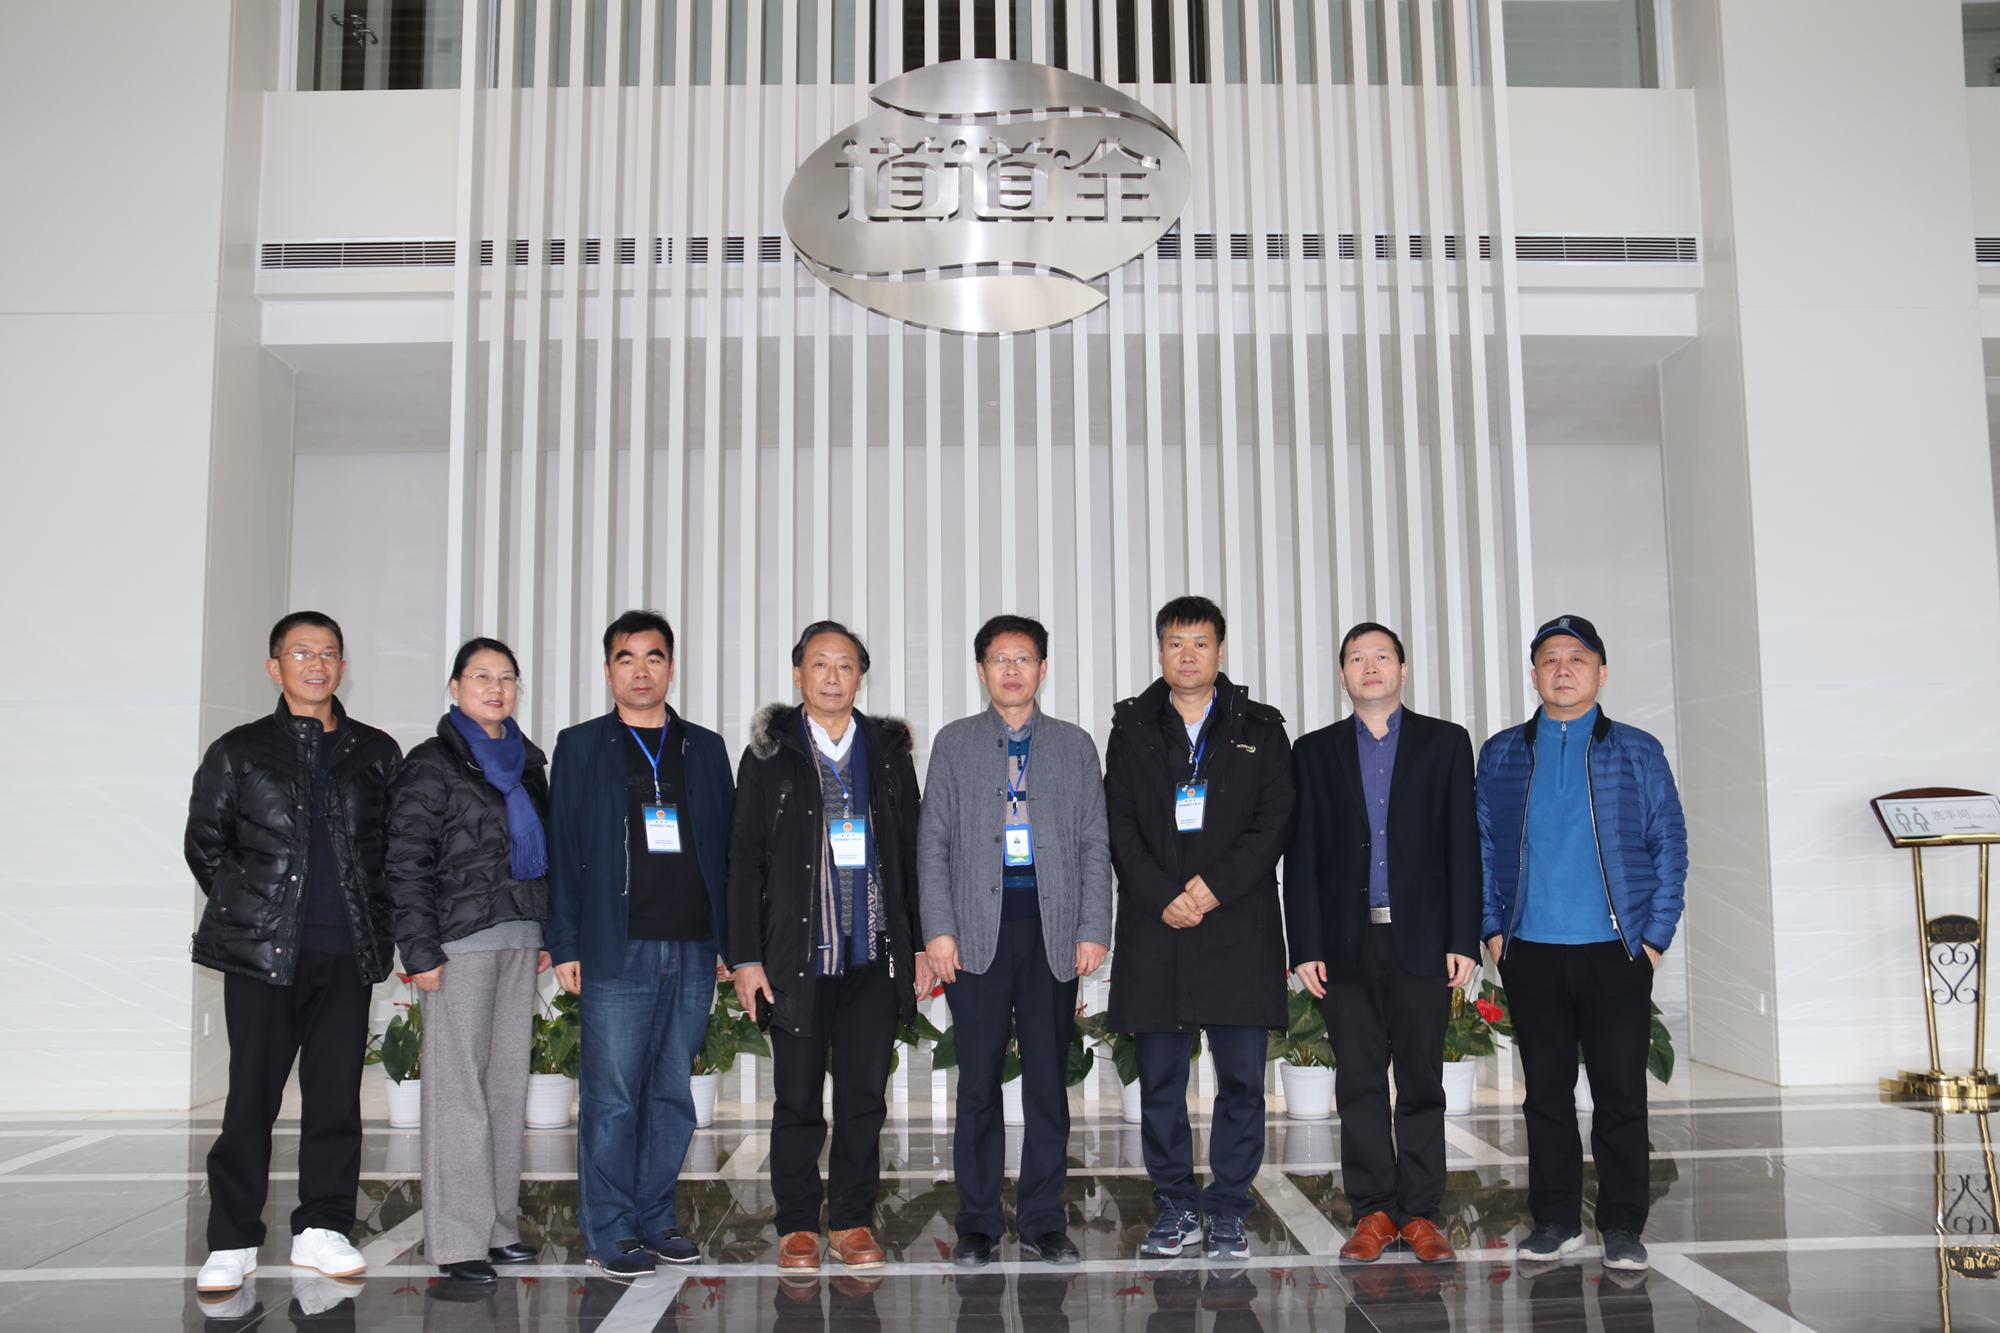 湖南省質量管理提升專項行動專家組走進道道全